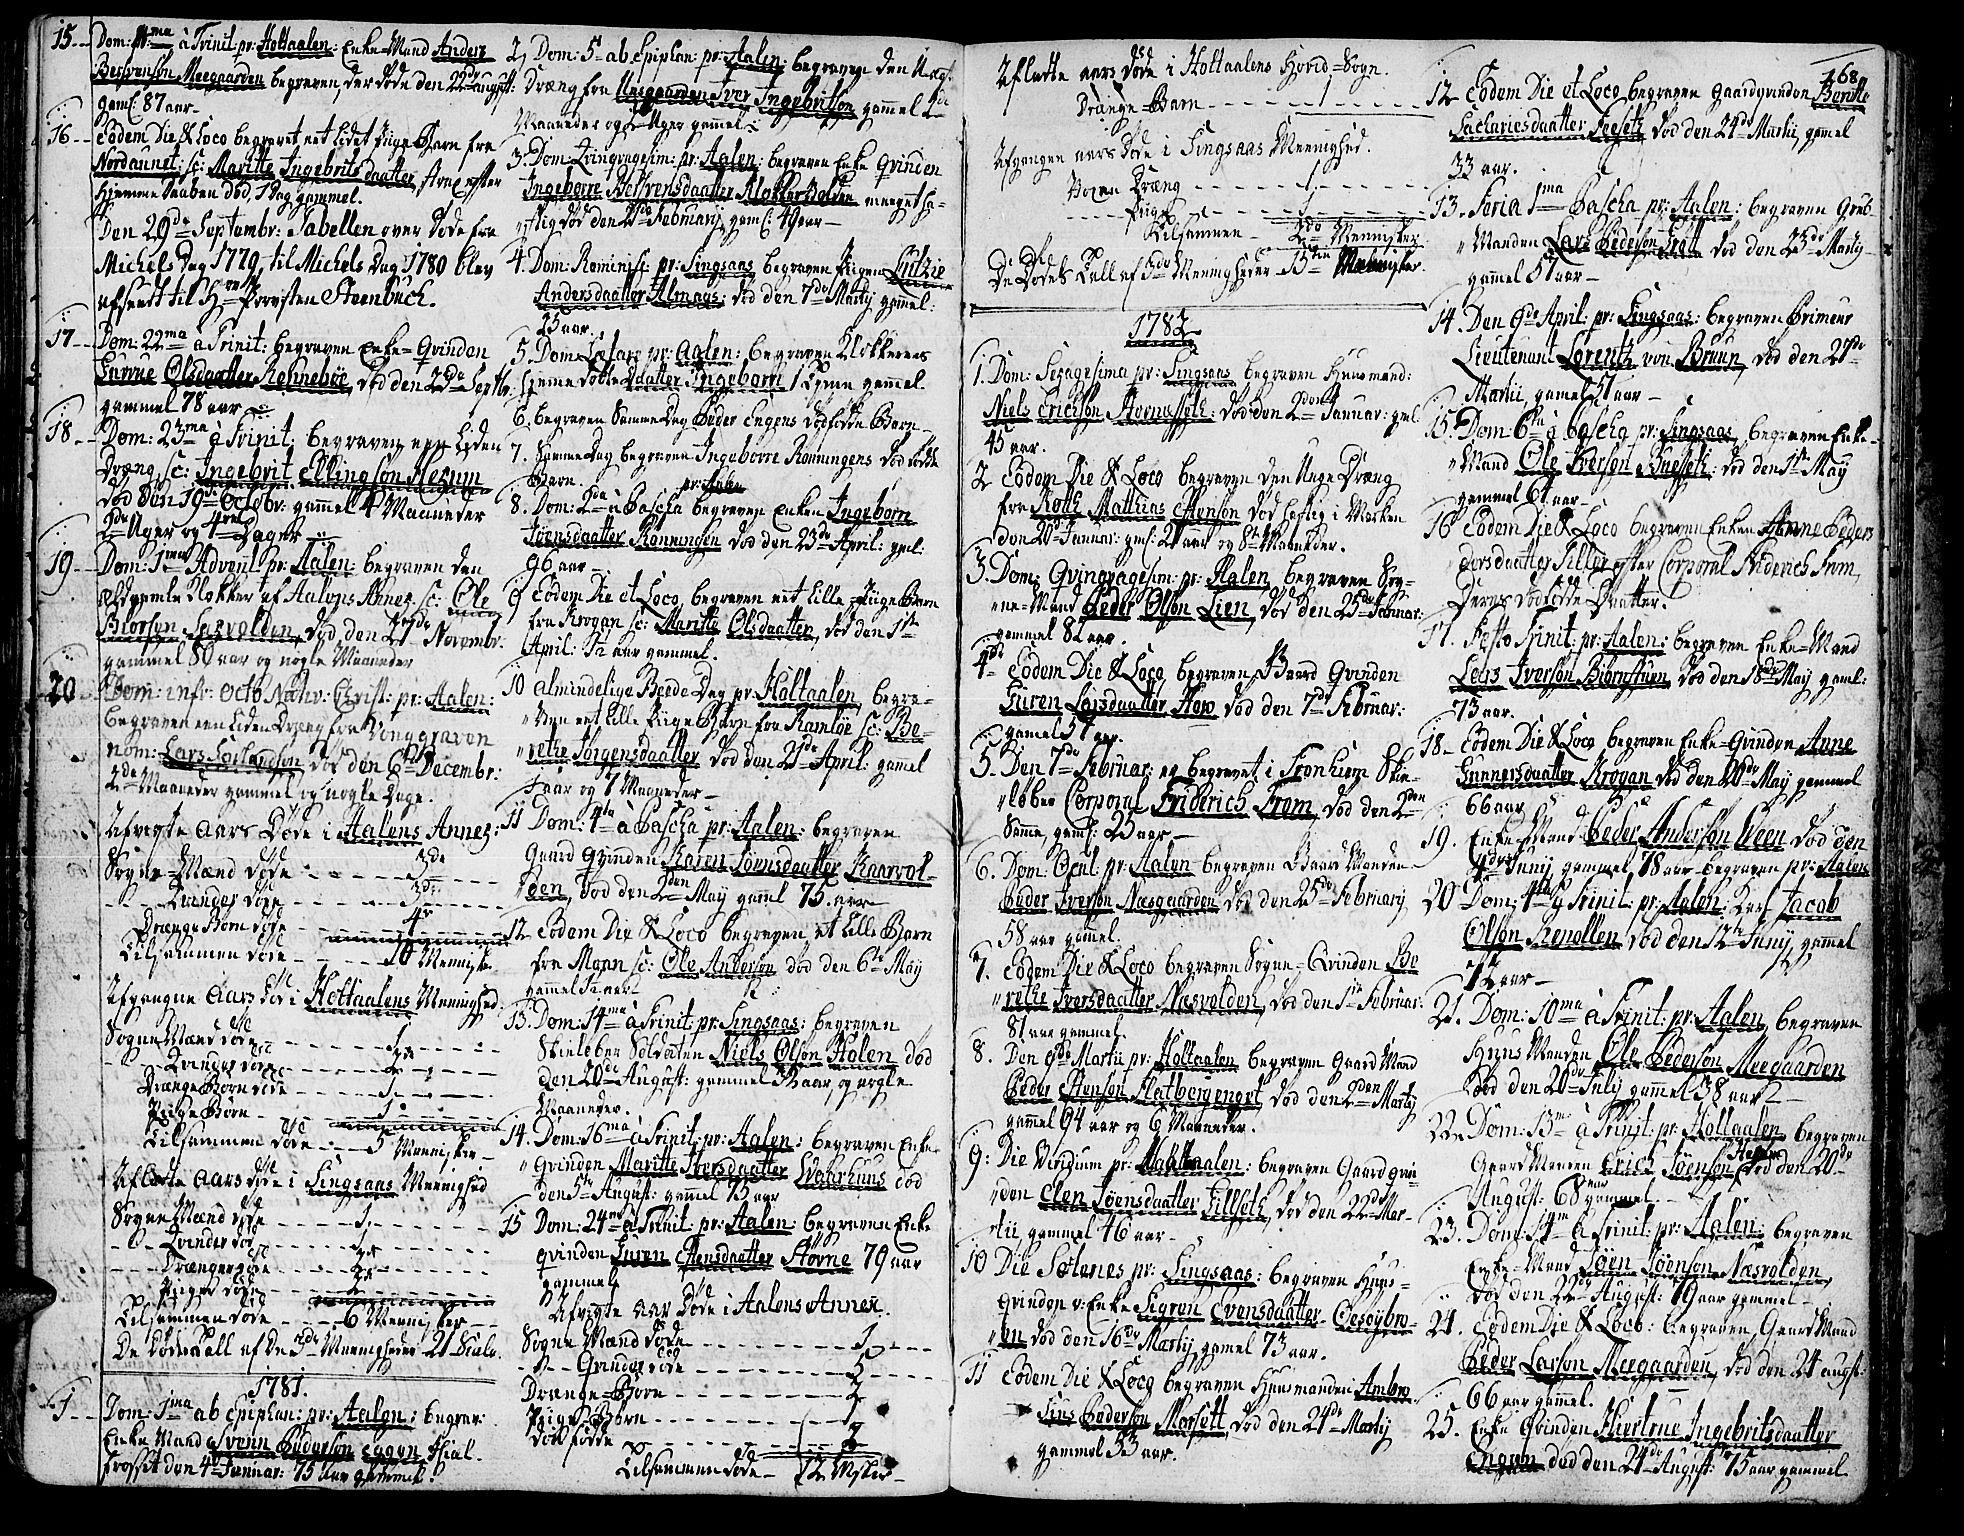 SAT, Ministerialprotokoller, klokkerbøker og fødselsregistre - Sør-Trøndelag, 685/L0952: Ministerialbok nr. 685A01, 1745-1804, s. 168